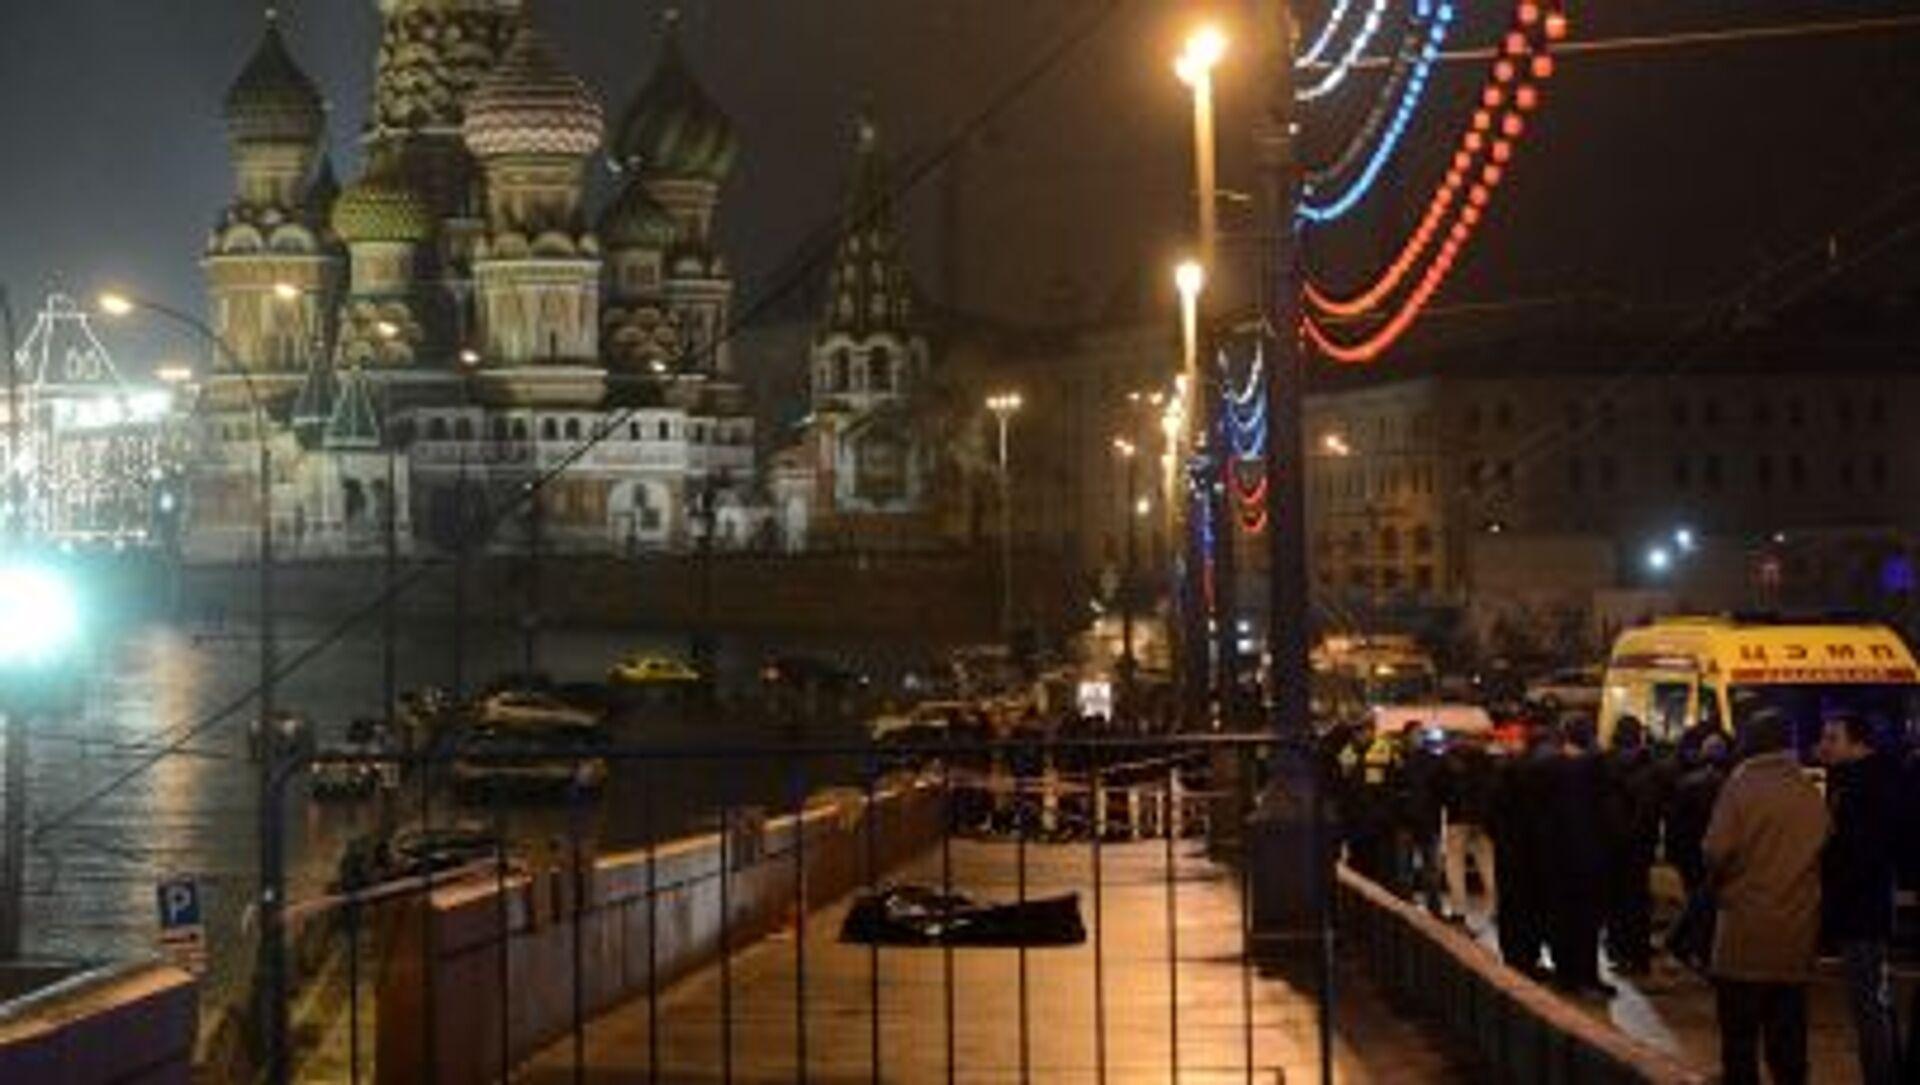 Zabójstwo rosyjskiego opozycjonisty Borysa Niemcowa w centrum Moskwy. - Sputnik Polska, 1920, 02.04.2021